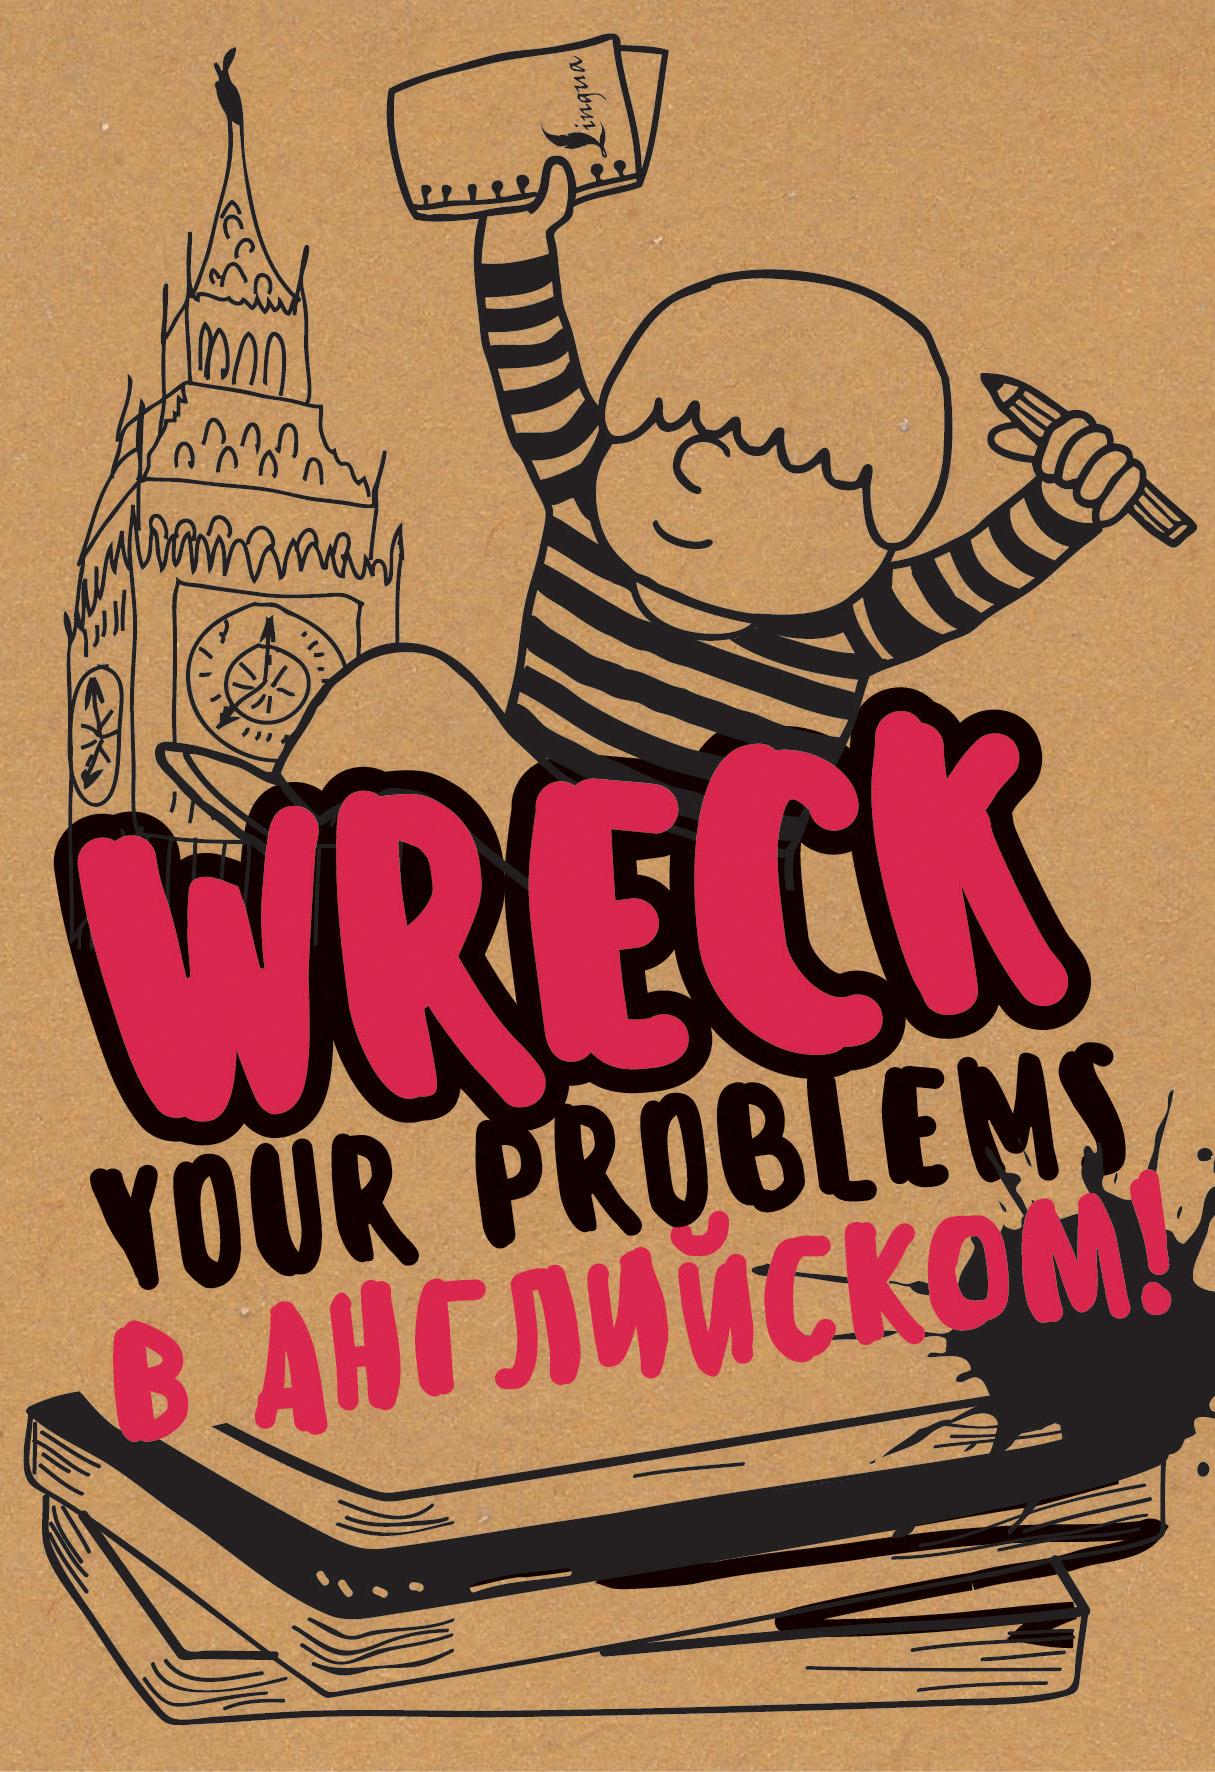 Wreck your problems в английском языке! ( Леди Гэ  )